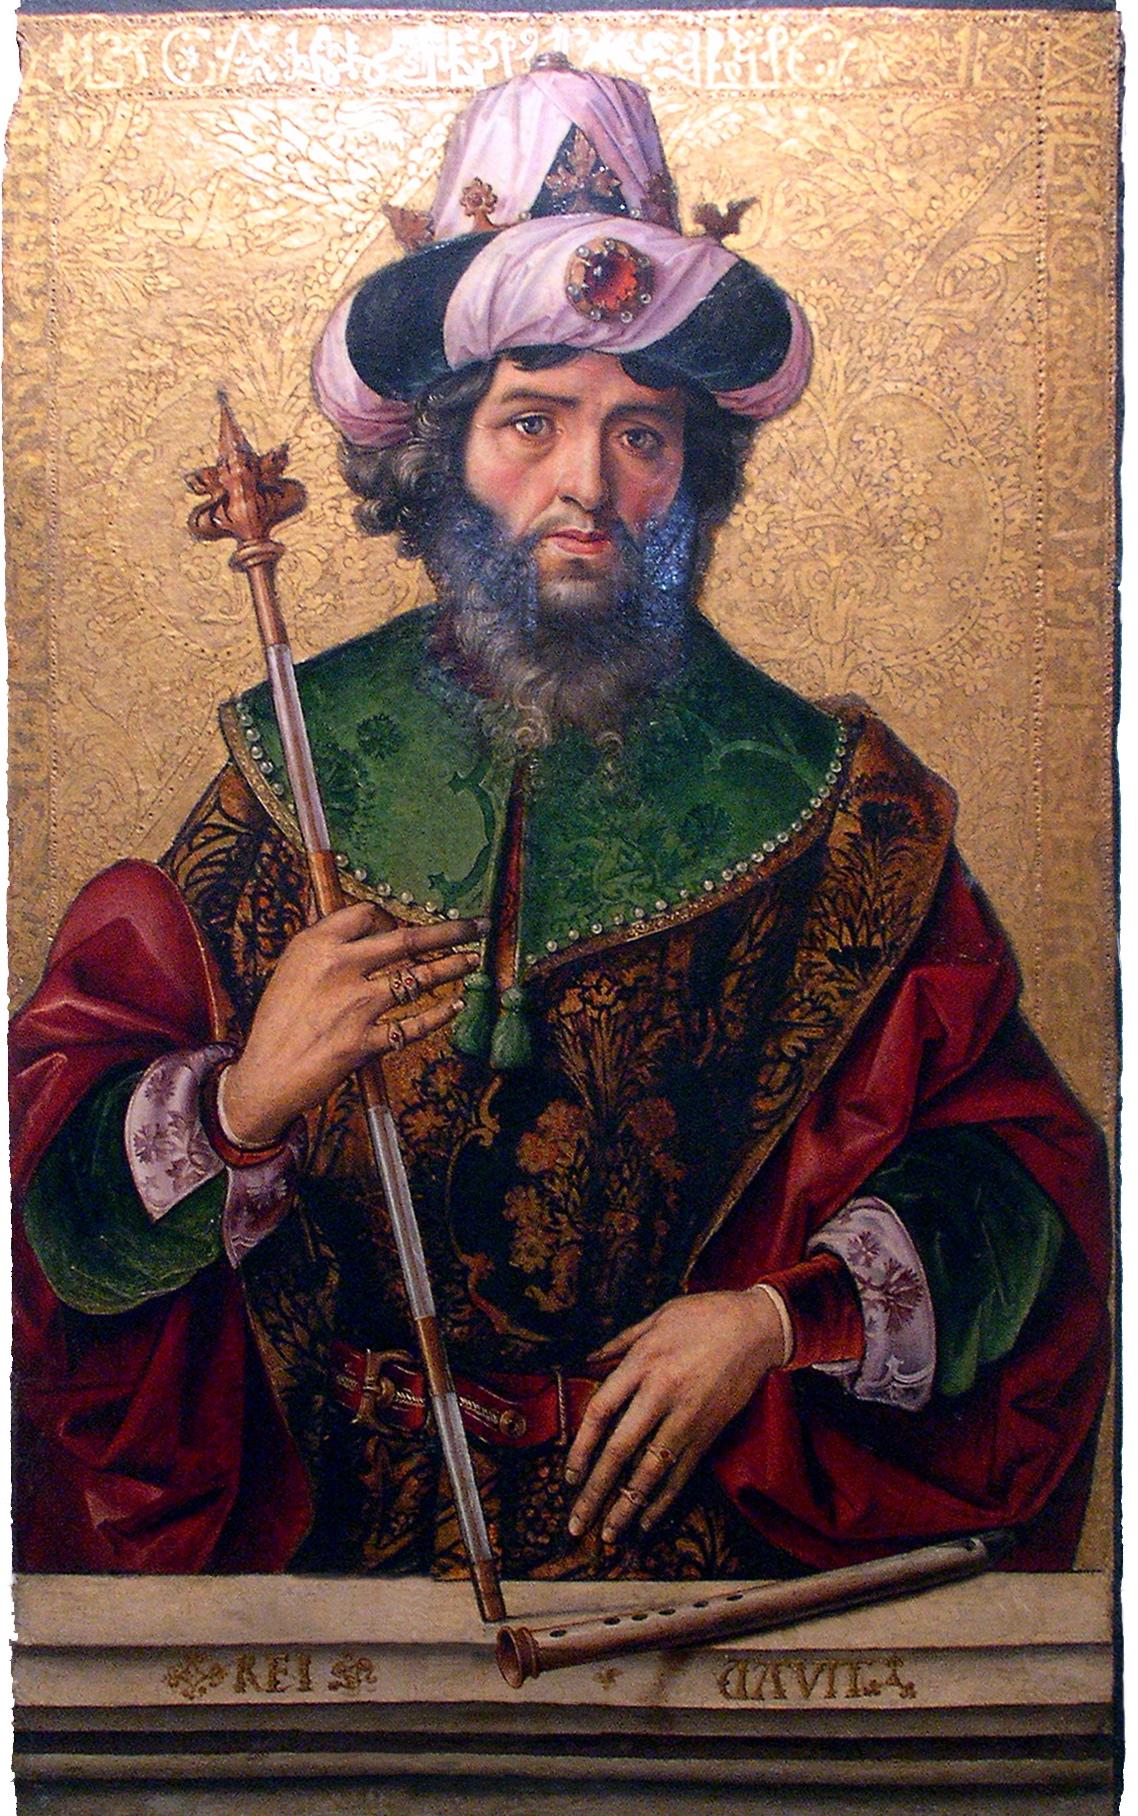 King David, XV century.